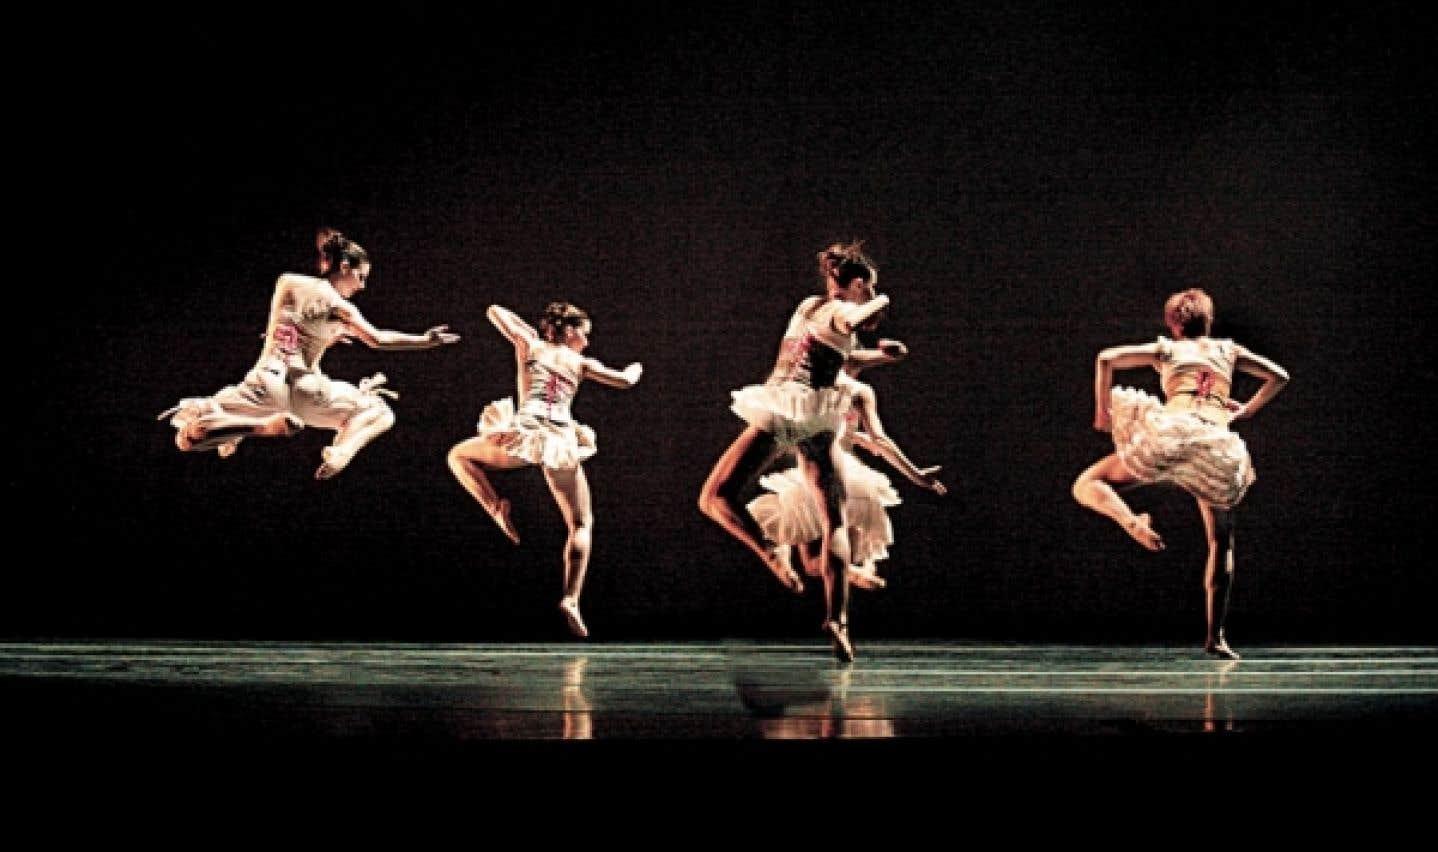 Au gré des rencontres depuis 40 ans, du journaliste et critique de danse Michael Crabb, résume les moments forts des Ballets Jazz de Montréal.